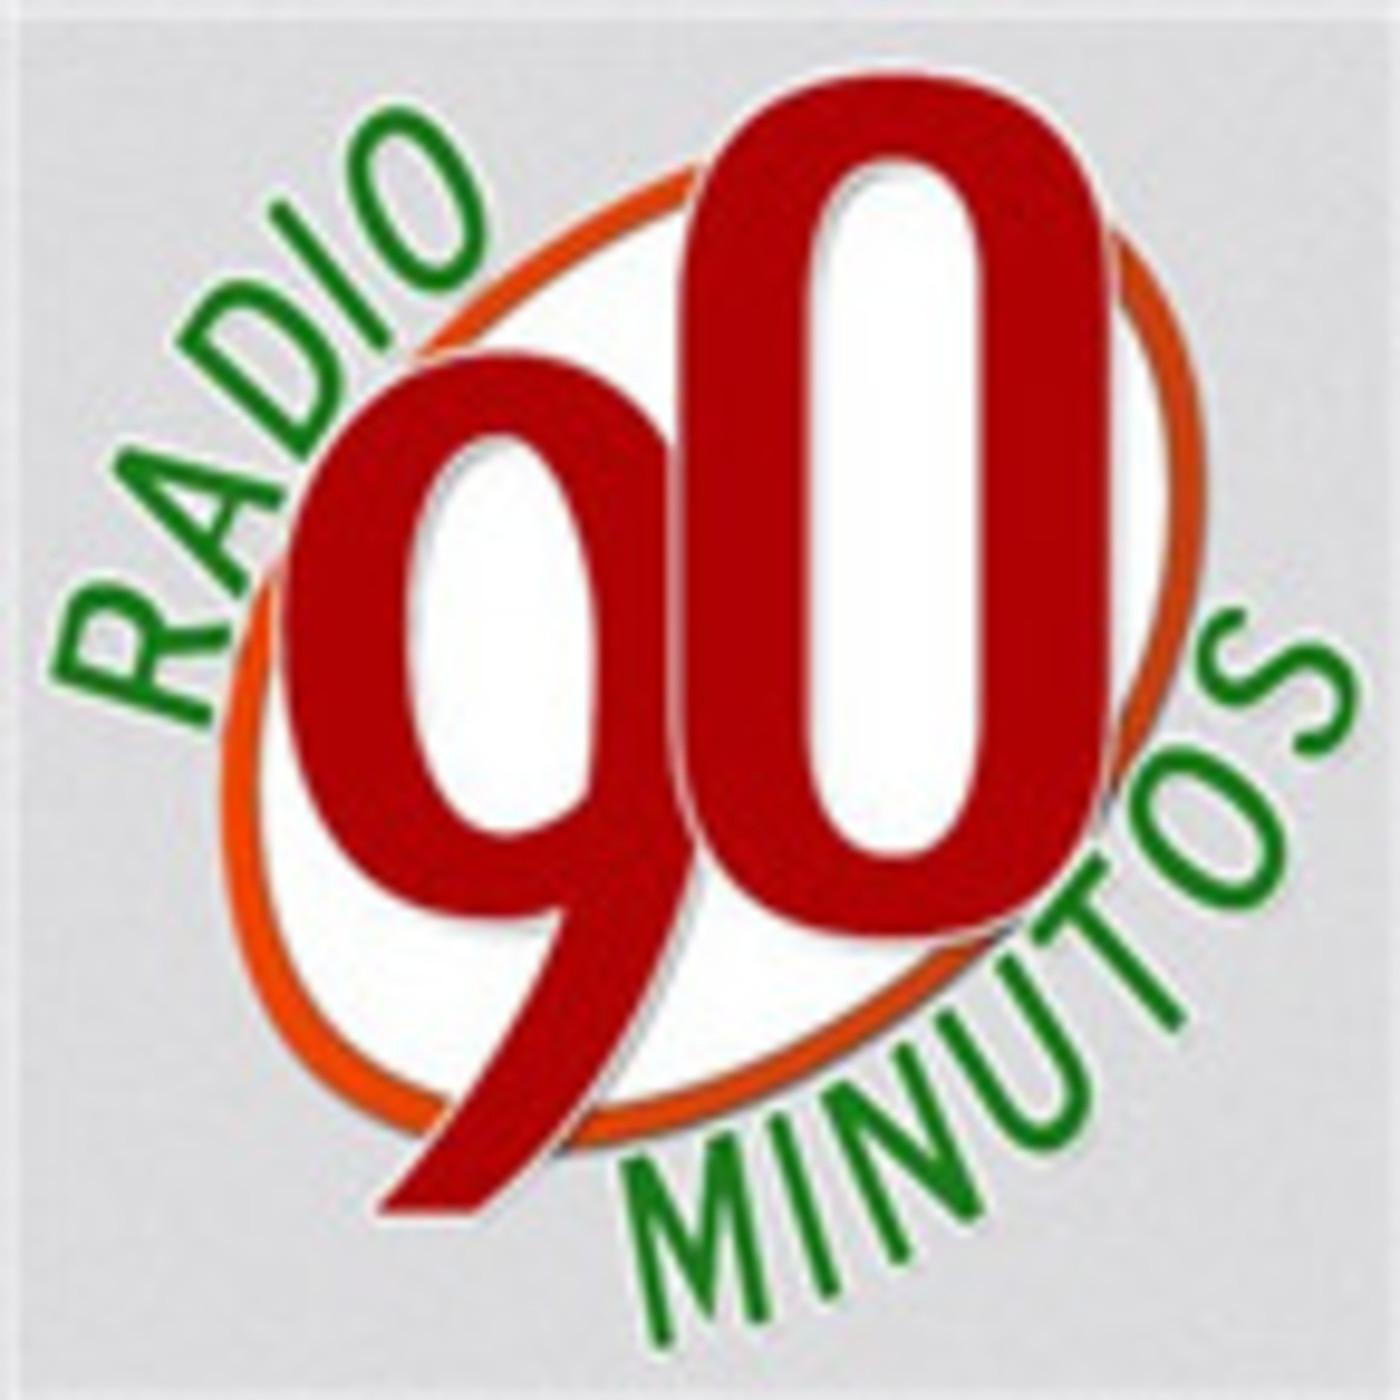 Rádio 90 Minutos